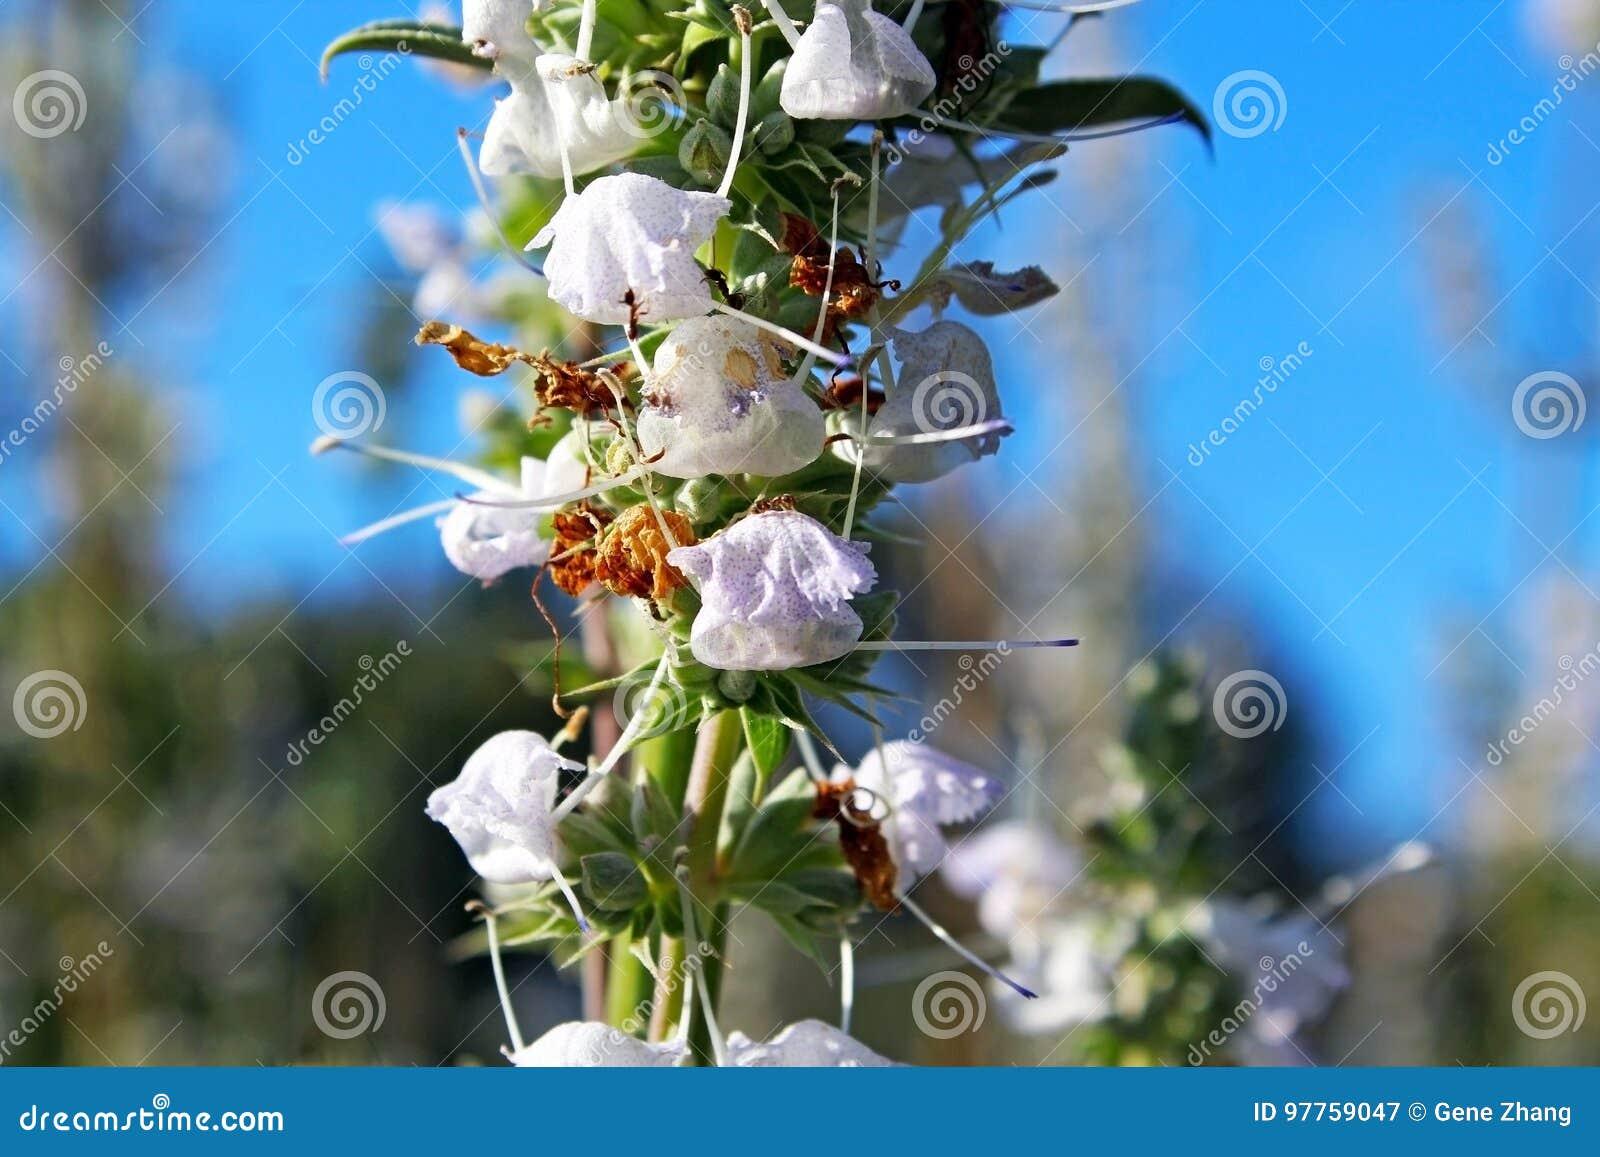 White Sage Flower Stock Image Image Of Canola Green 97759047